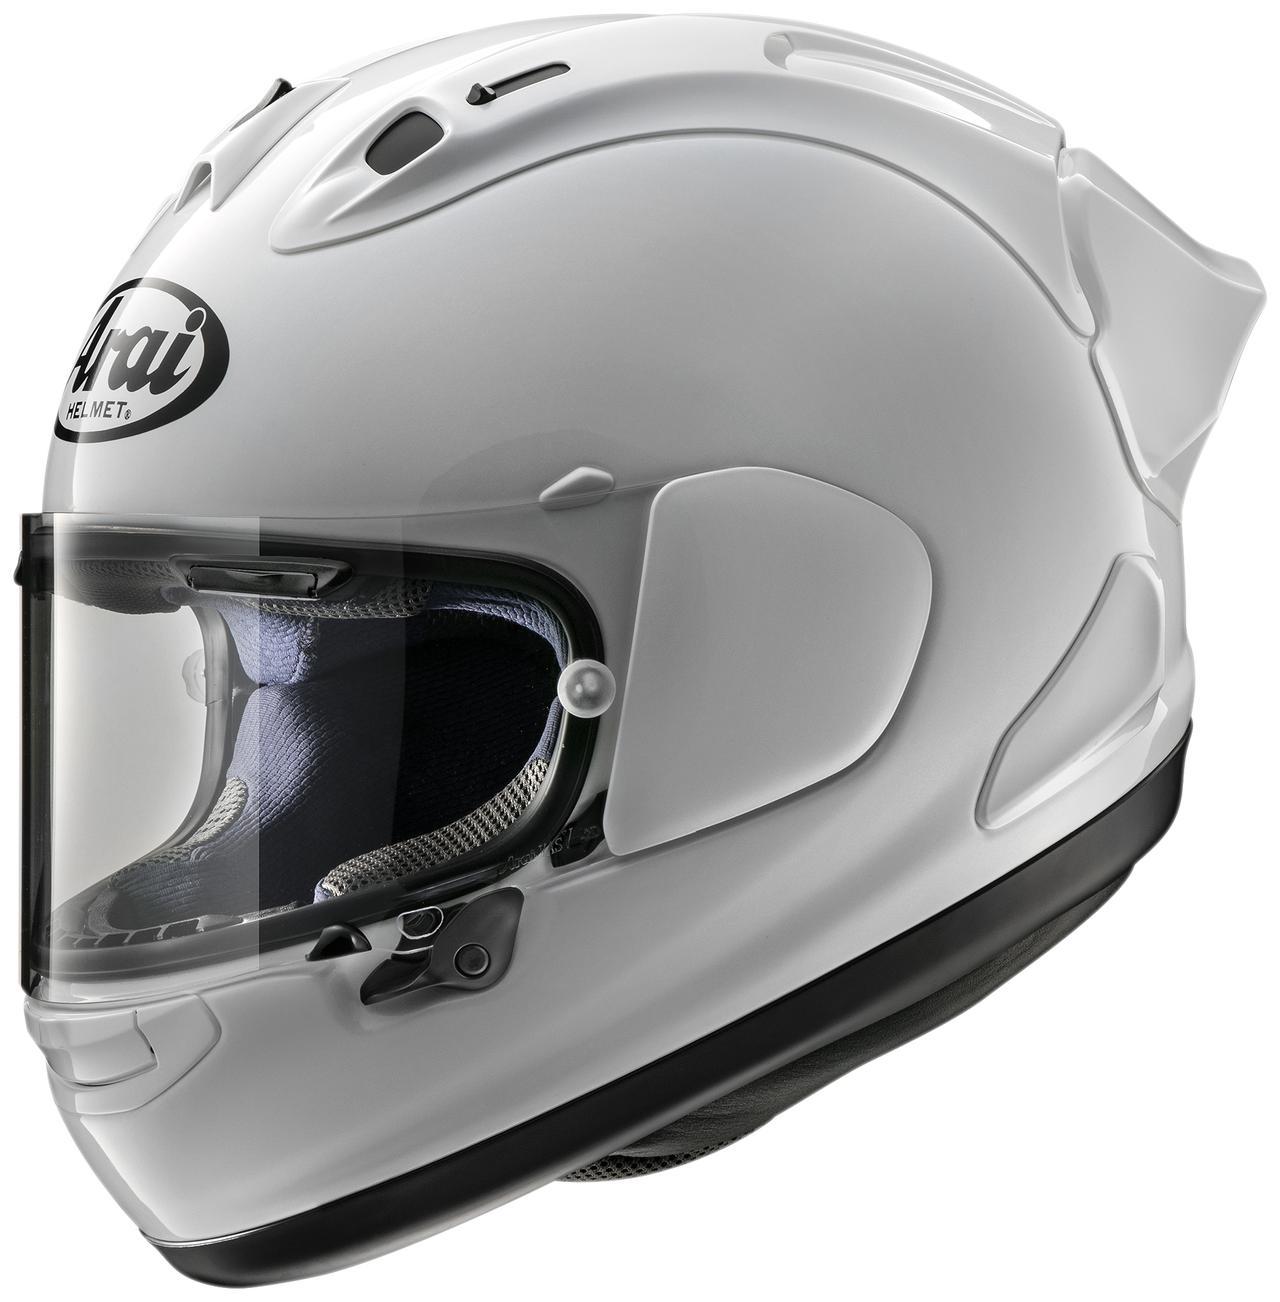 Images : 1番目の画像 - アライヘルメット「RX-7X FIM Racing #1」の写真をもっと見る! - webオートバイ